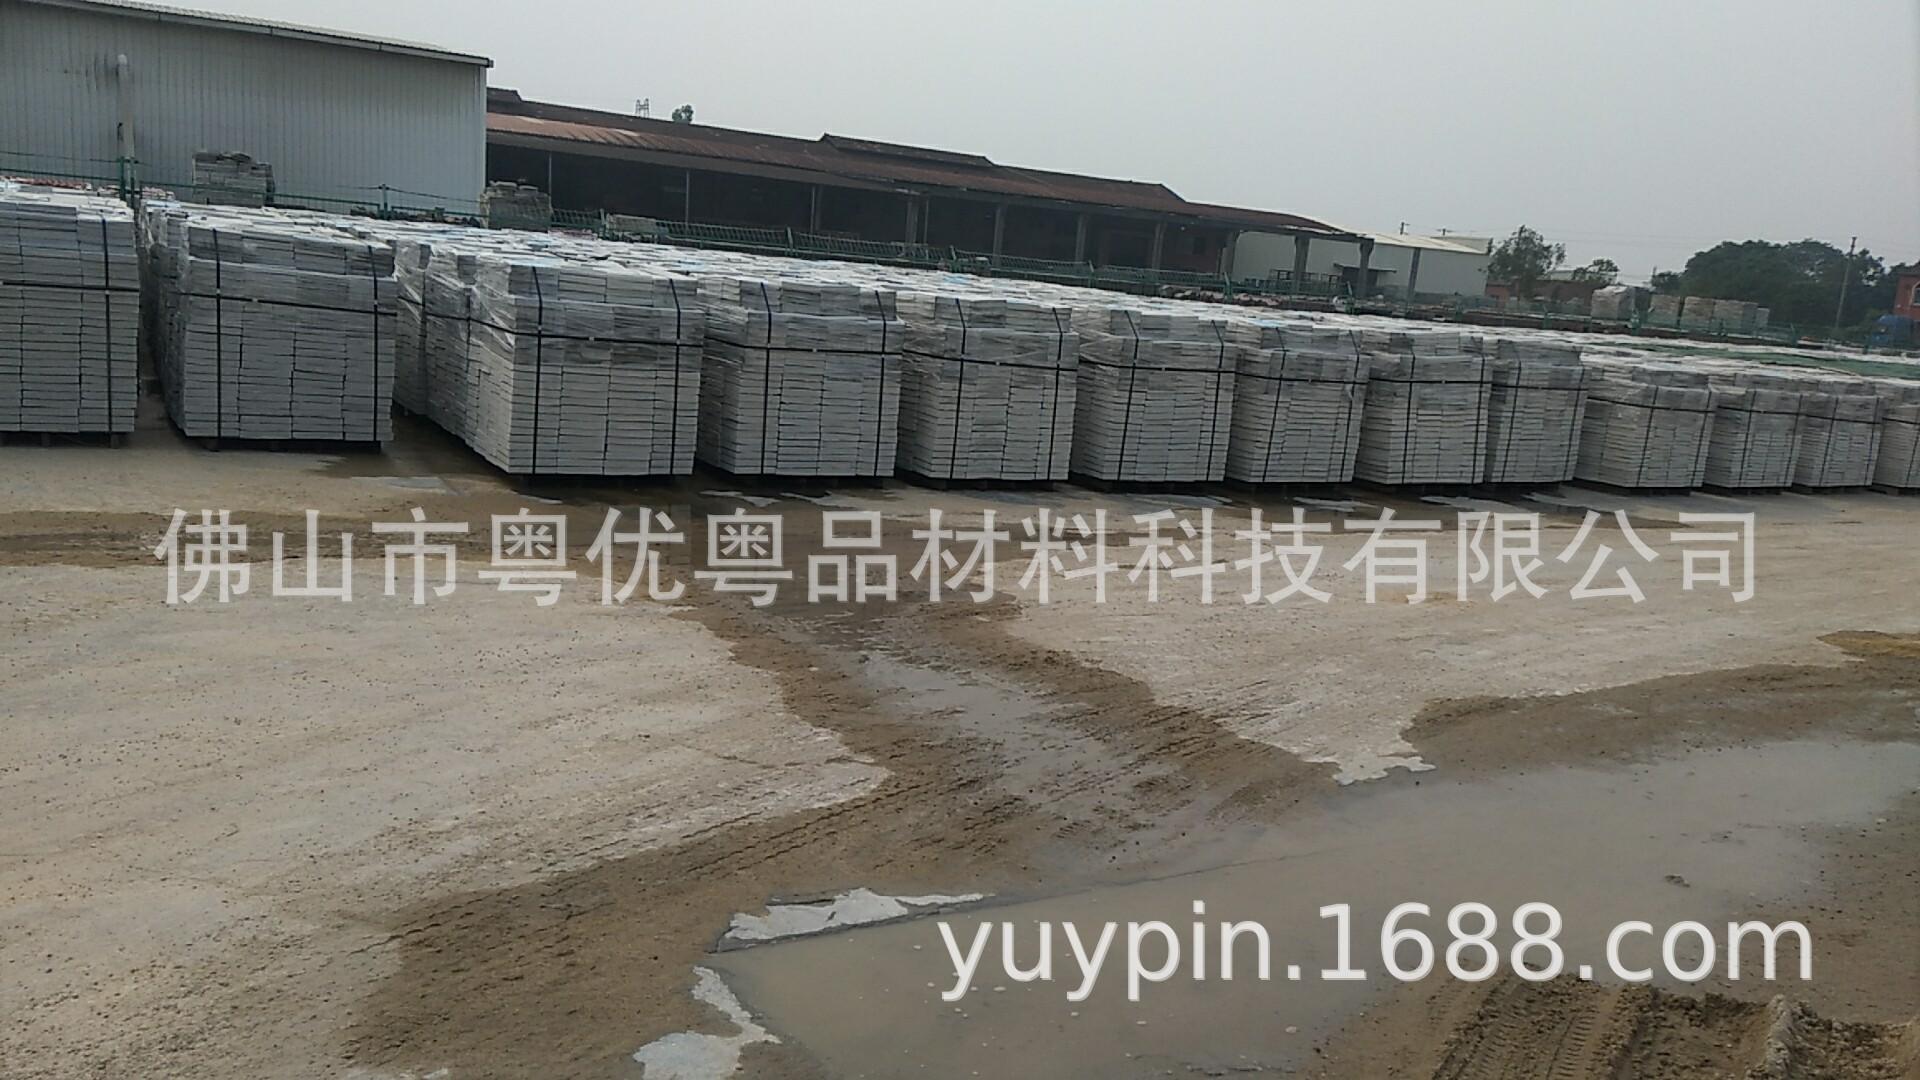 廣東 源頭廠家  全省發貨  隔熱磚 屋頂隔熱磚 上涼磚 擠塑隔熱磚